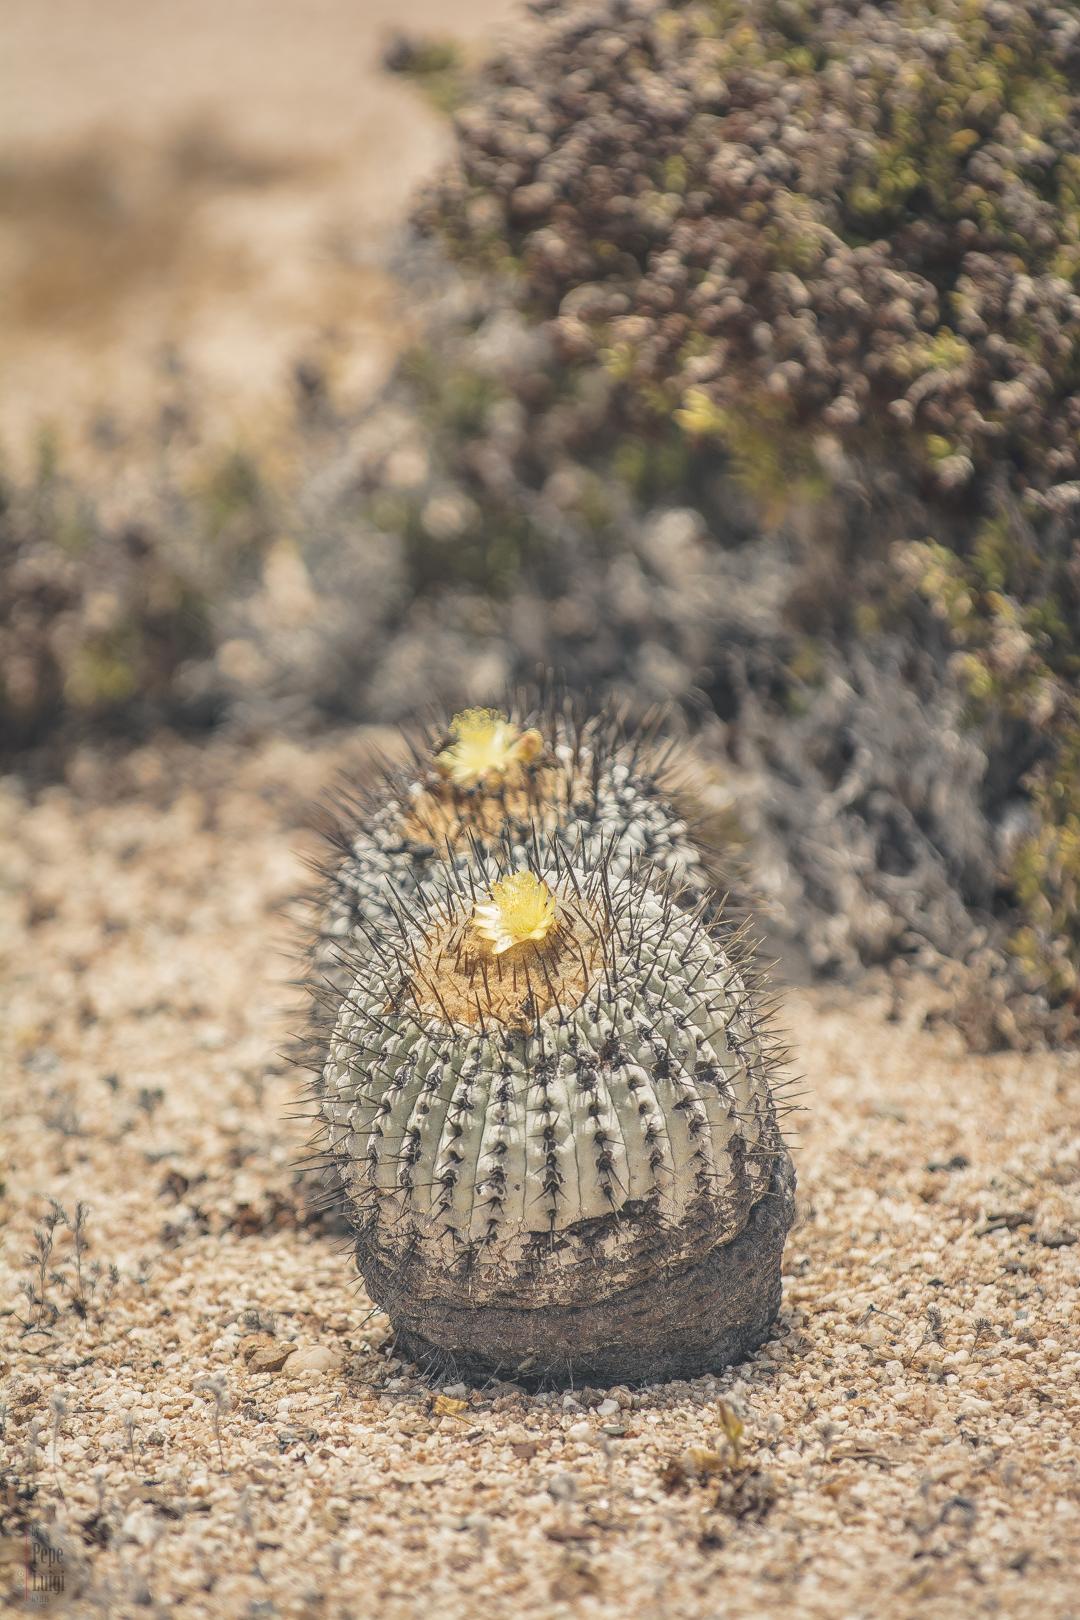 Copiapoa cinerea var. columna alba | Parque Nacional Pan de Azúcar